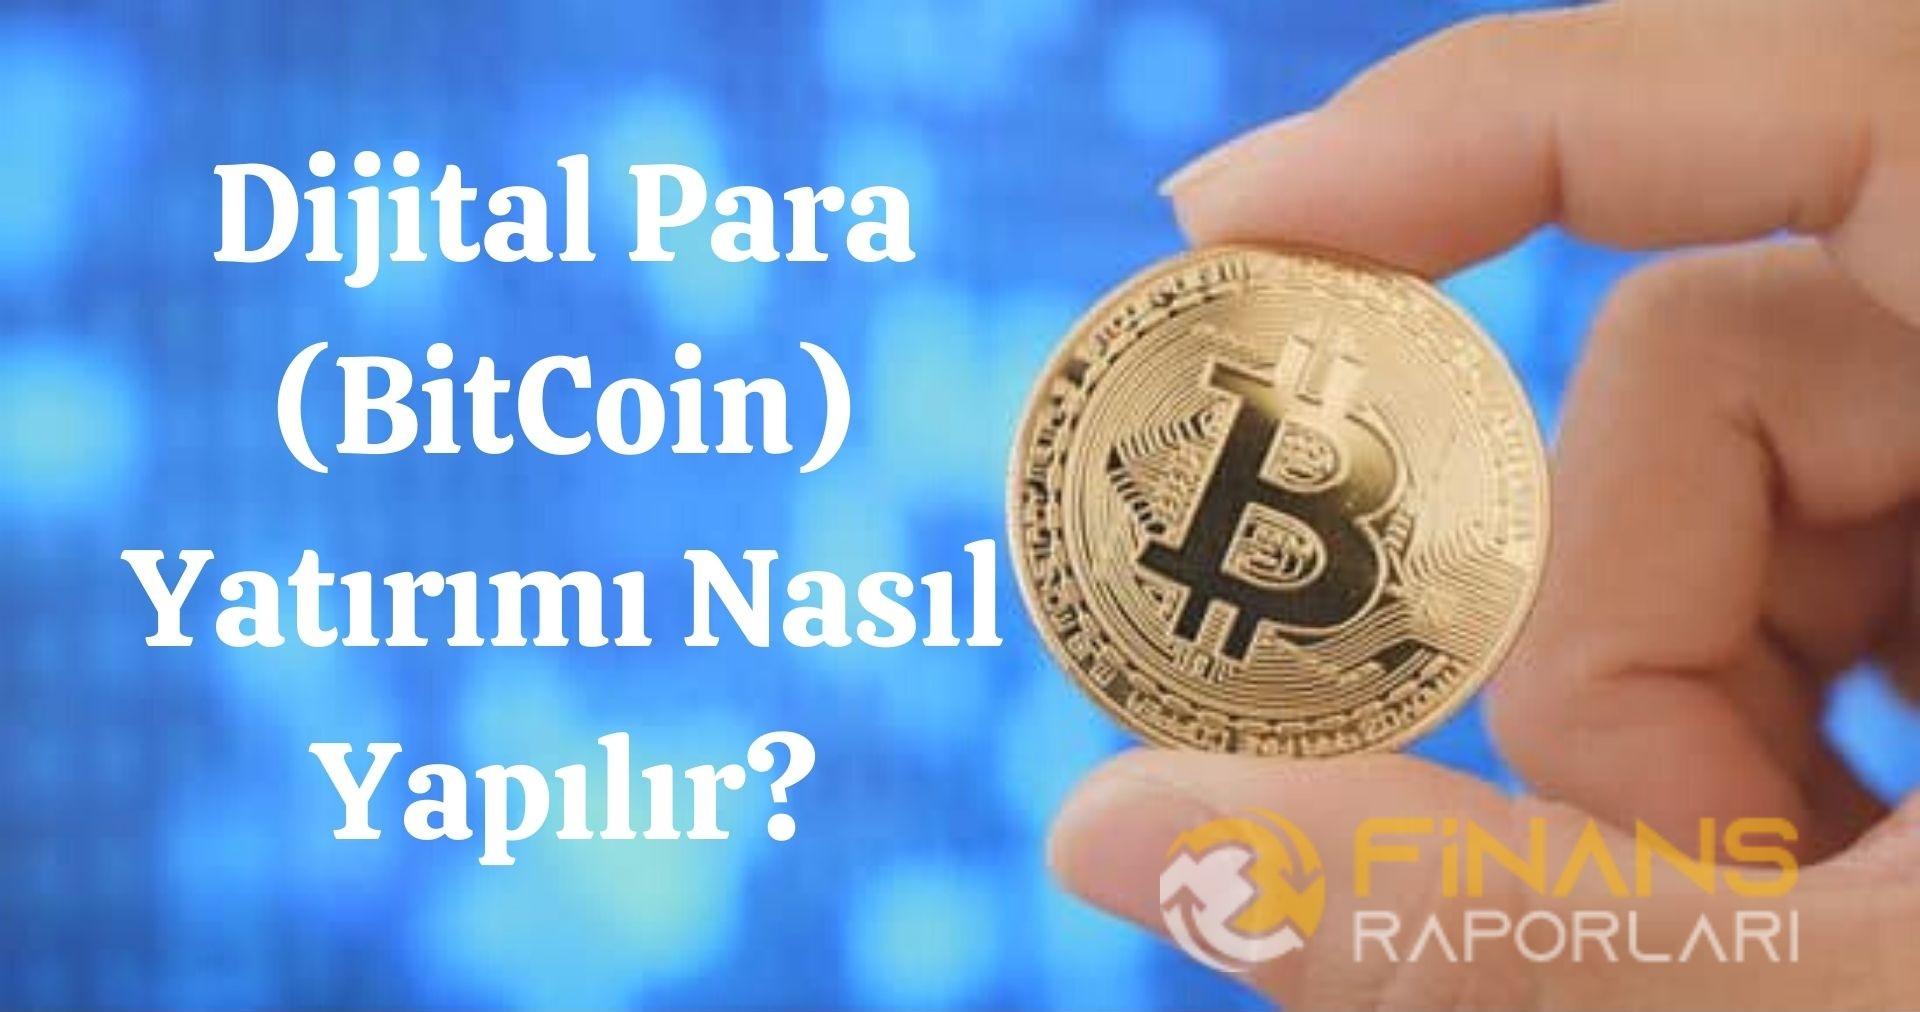 Dijital Para Yatırımı Nasıl Yapılır?